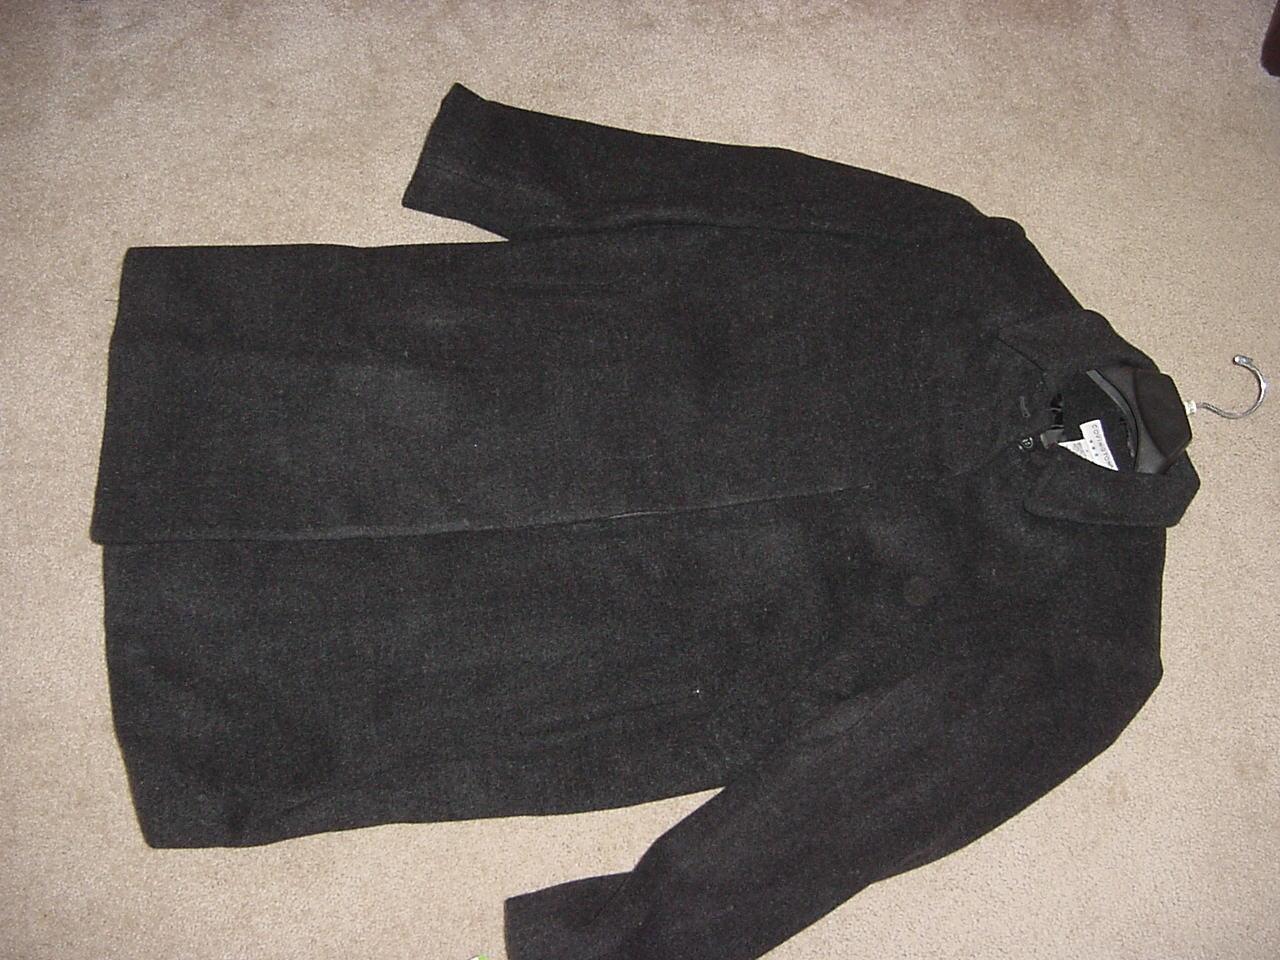 Misses CharWalker- Covington- Wool - Charcoal Coat- Coat- Coat- NEW 3e9912